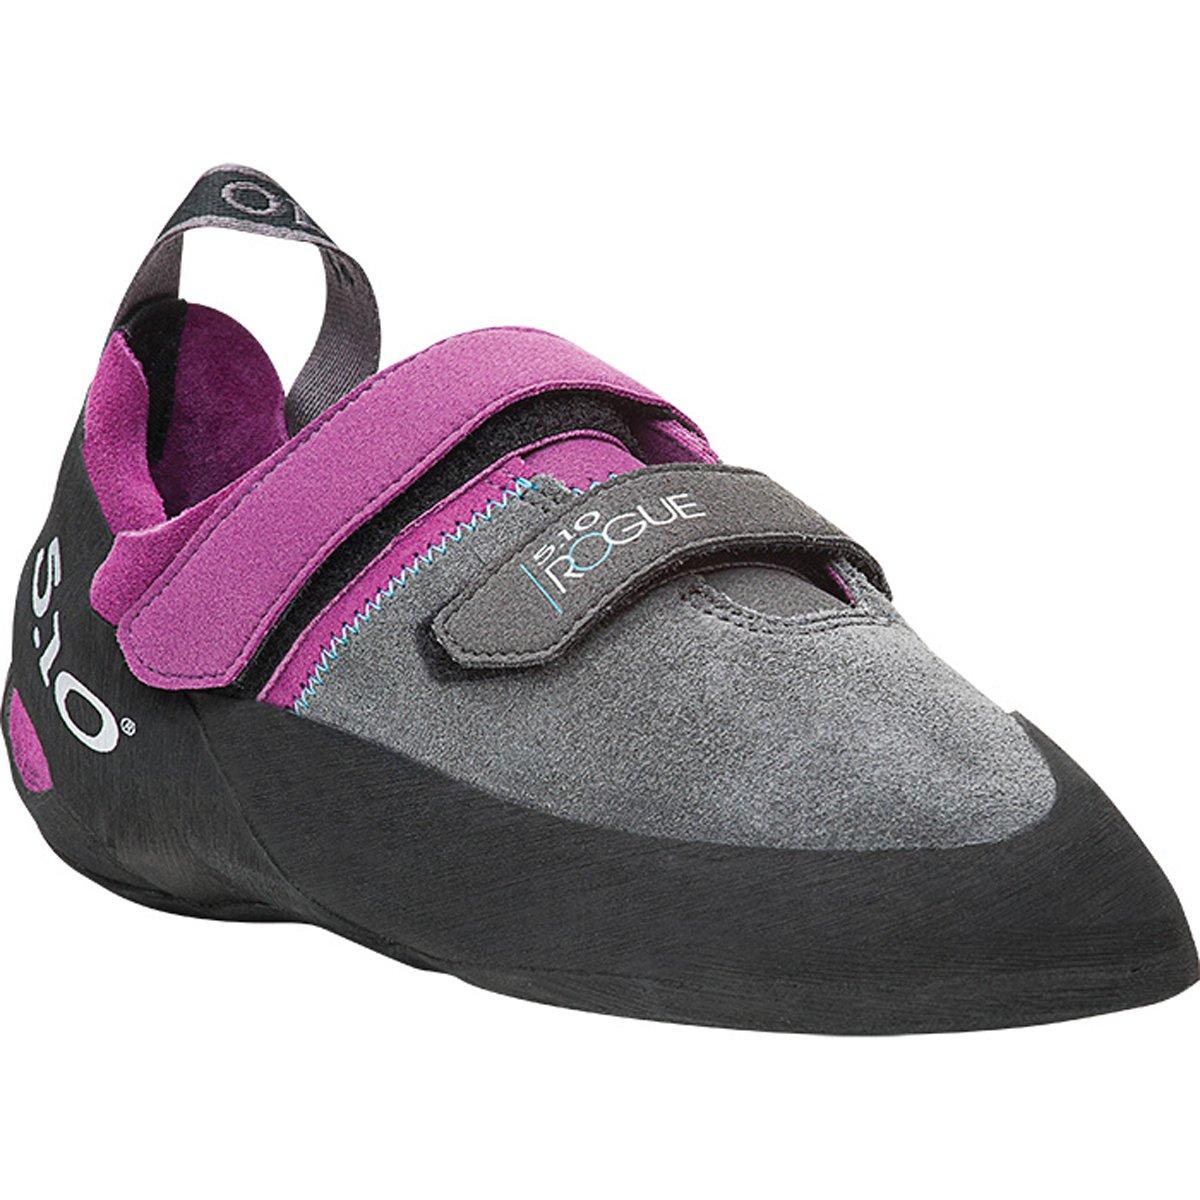 Five Ten Women's Rogue B00Q8ZV18Q VCS Climbing Shoe B00Q8ZV18Q Rogue 9.5|Purple e06e51